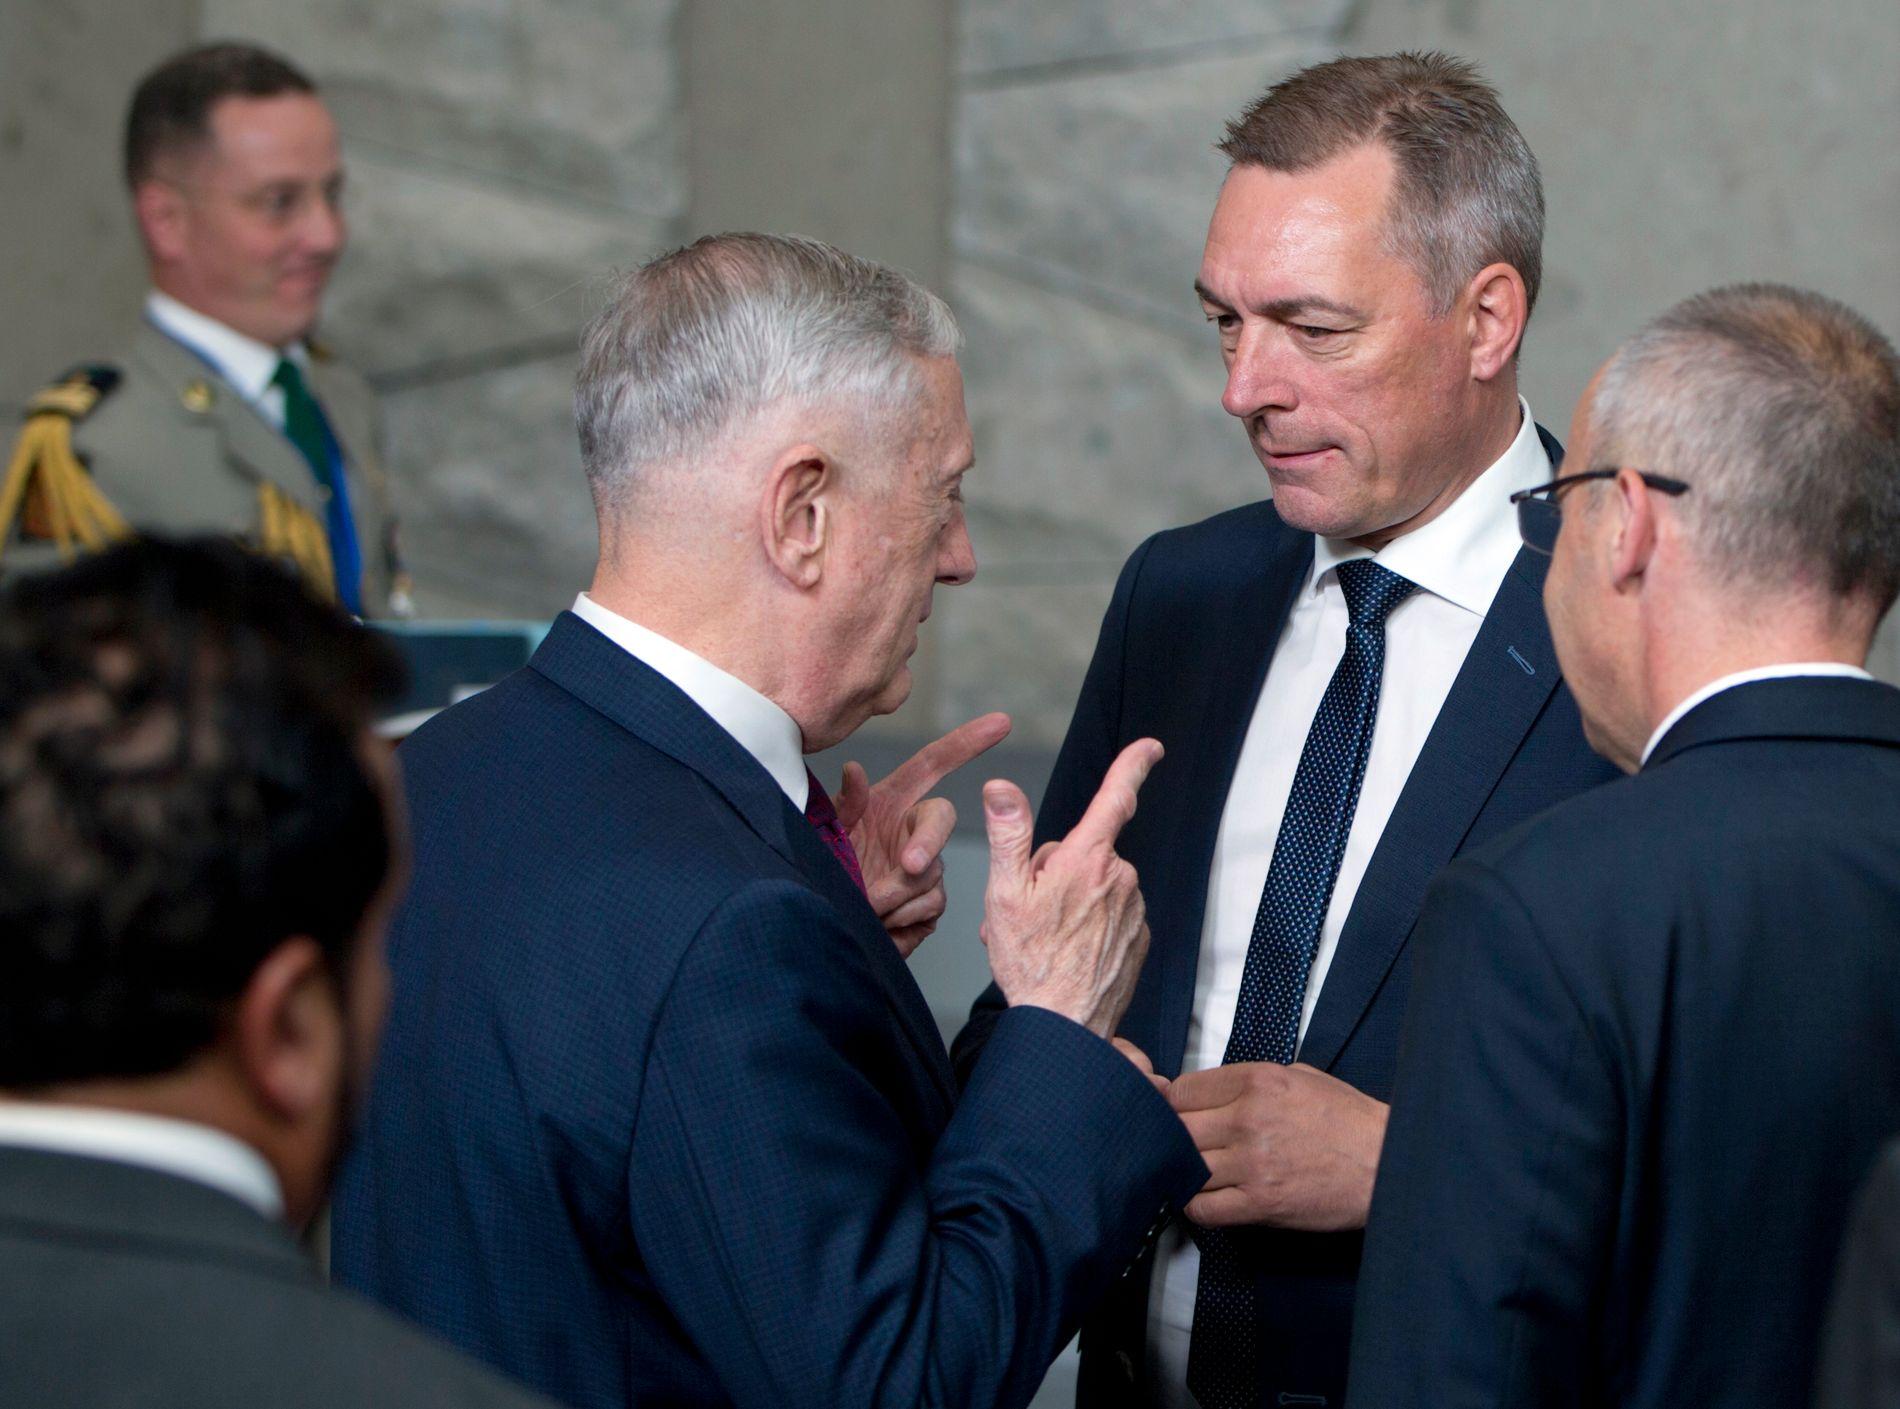 MINISTERMØTE: Forsvarsminister Frank Bakke-Jensen i samtale med USAs forsvarsminister Jim Mattis på NATO-møte i Brussel torsdag.